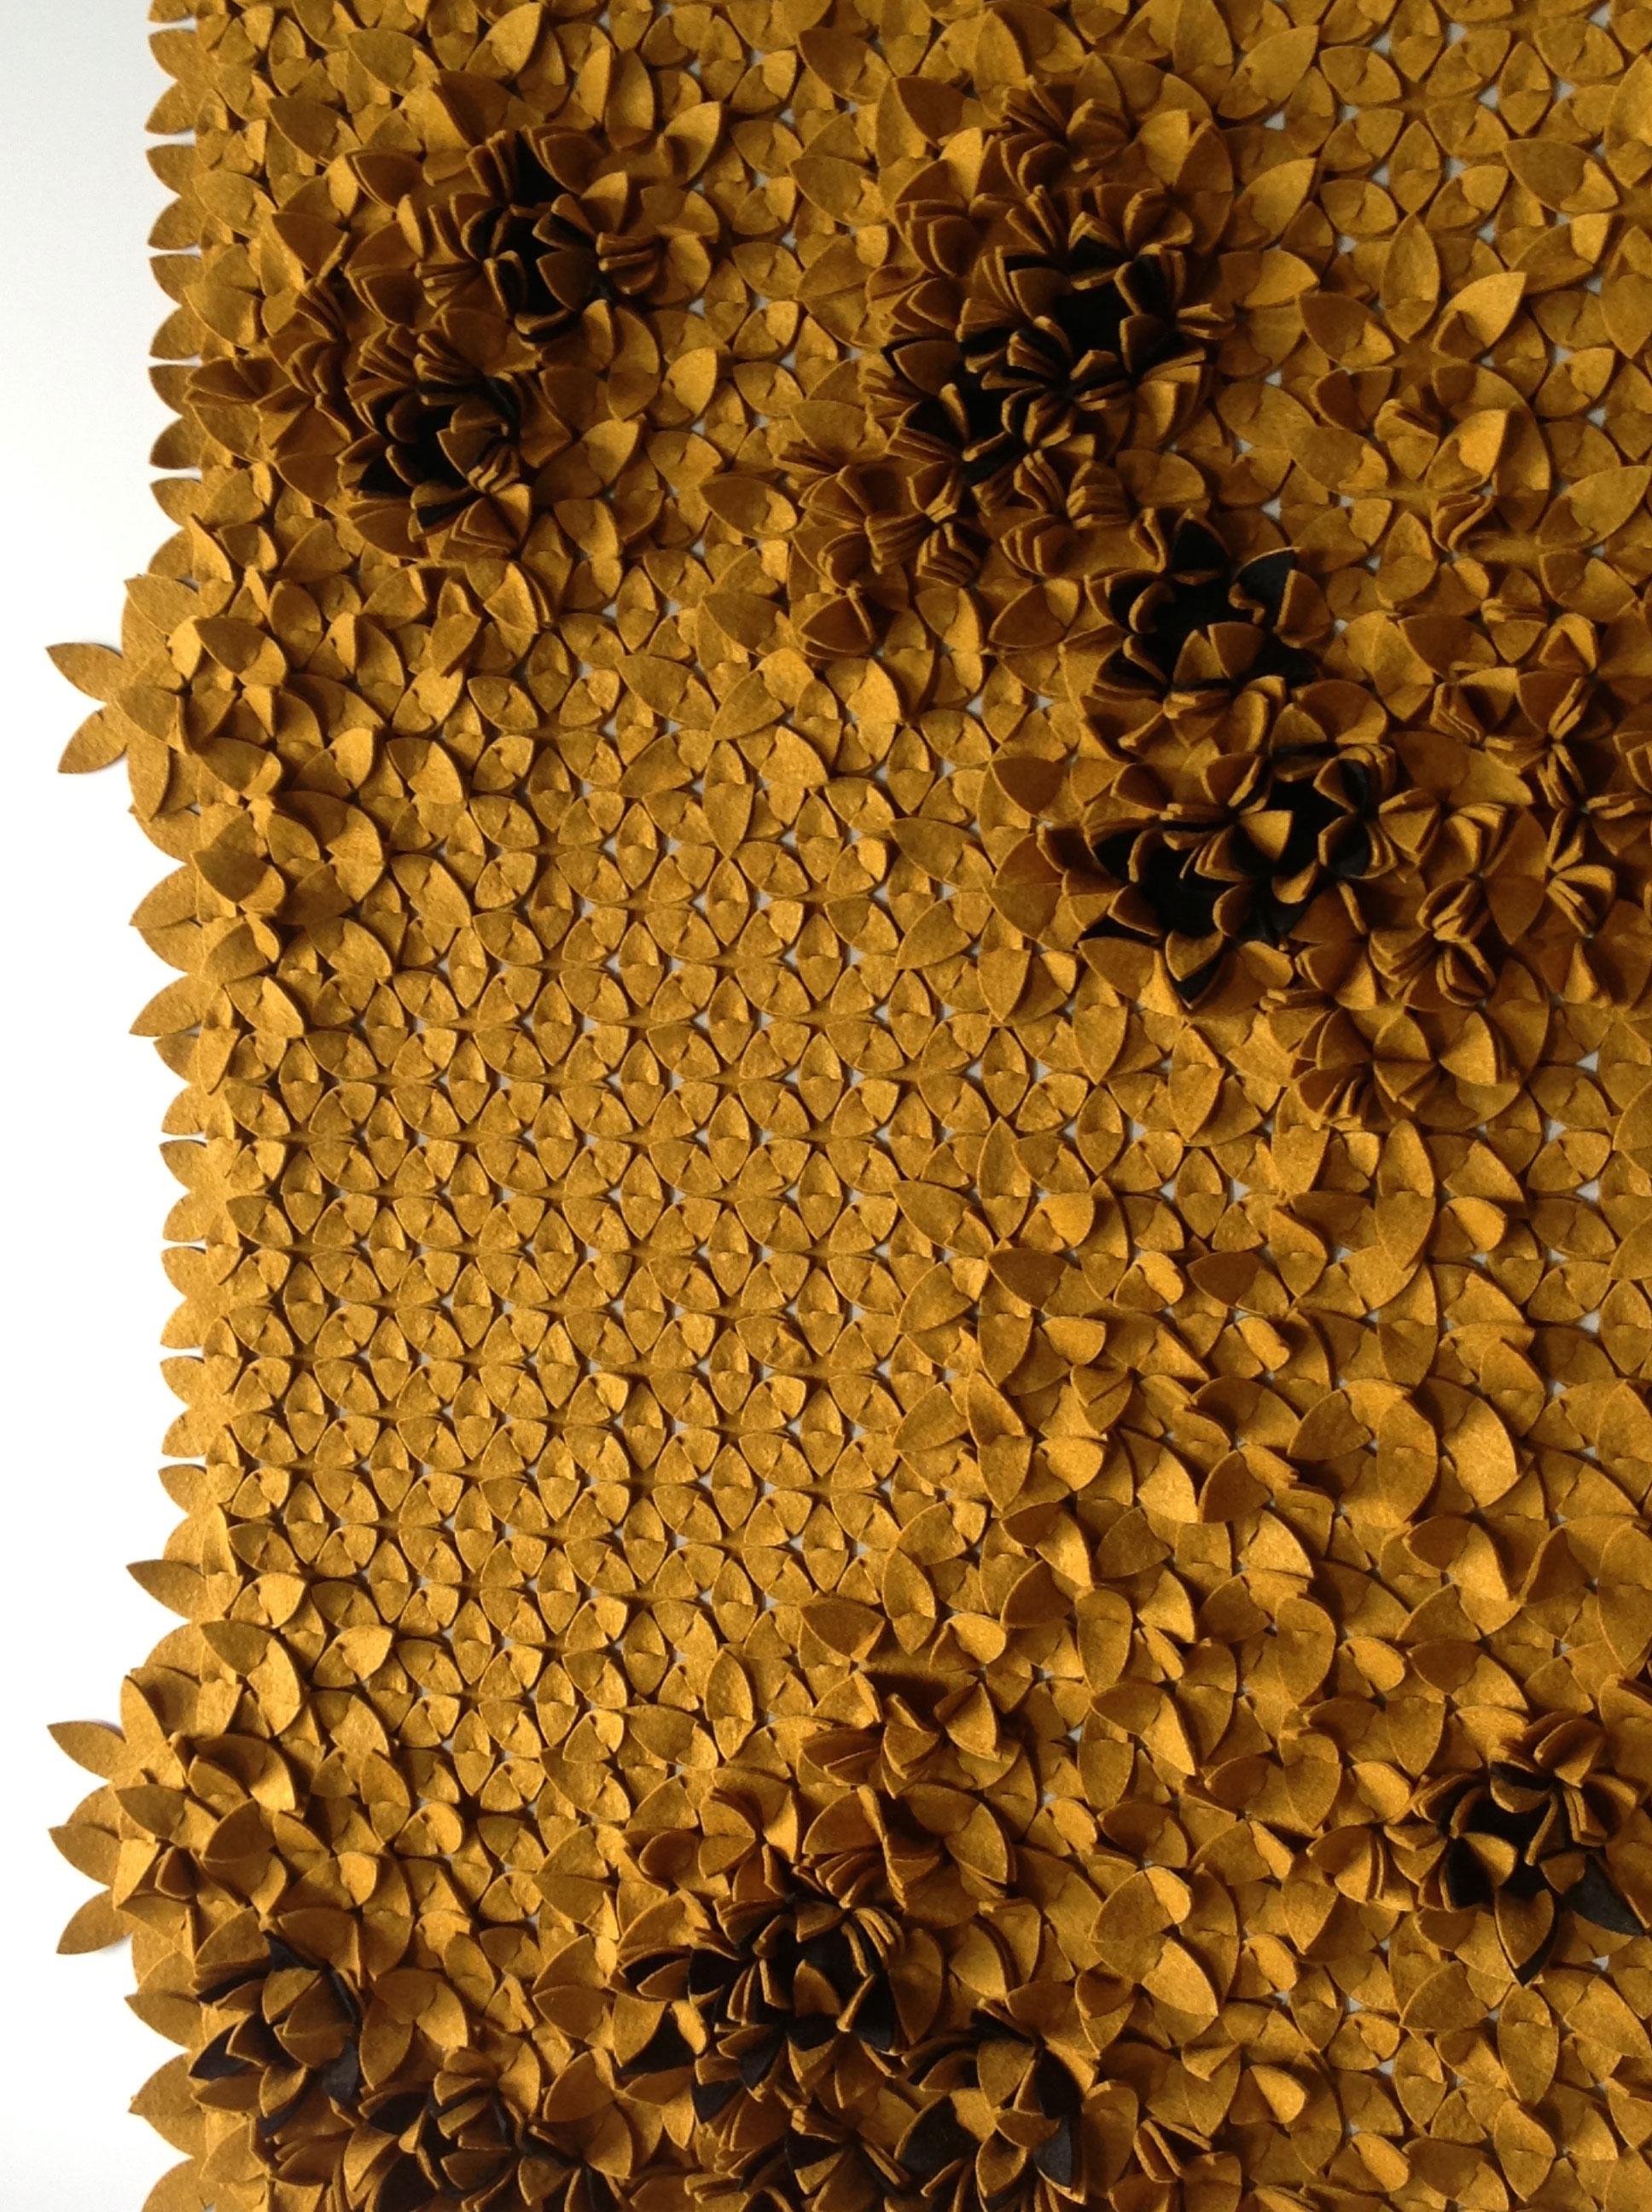 VIVOID - Tervező: Kalácska ZsanettTermékismertető: A Viovid tervezésének inspirációként a természet formavilága, különösen annak geometriája, ritmusa, szabályosan kapcsolódó mintázata szolgált. Célom a természet mintázataira reflektálva analóg felületek, szerkezetek létrehozása. A végtelenül sorolható elemek összekapcsolásával, csapolásával izgalmas felületek hozhatóak létre. A Viovid tetszőleges méretben használható falburkolatként, de térelválasztóként is. A gyapjú jól tisztítató, jó hang és hőszigetelő. Az összekapcsolt elemeket egy falra erősíthető fém váz tartja.